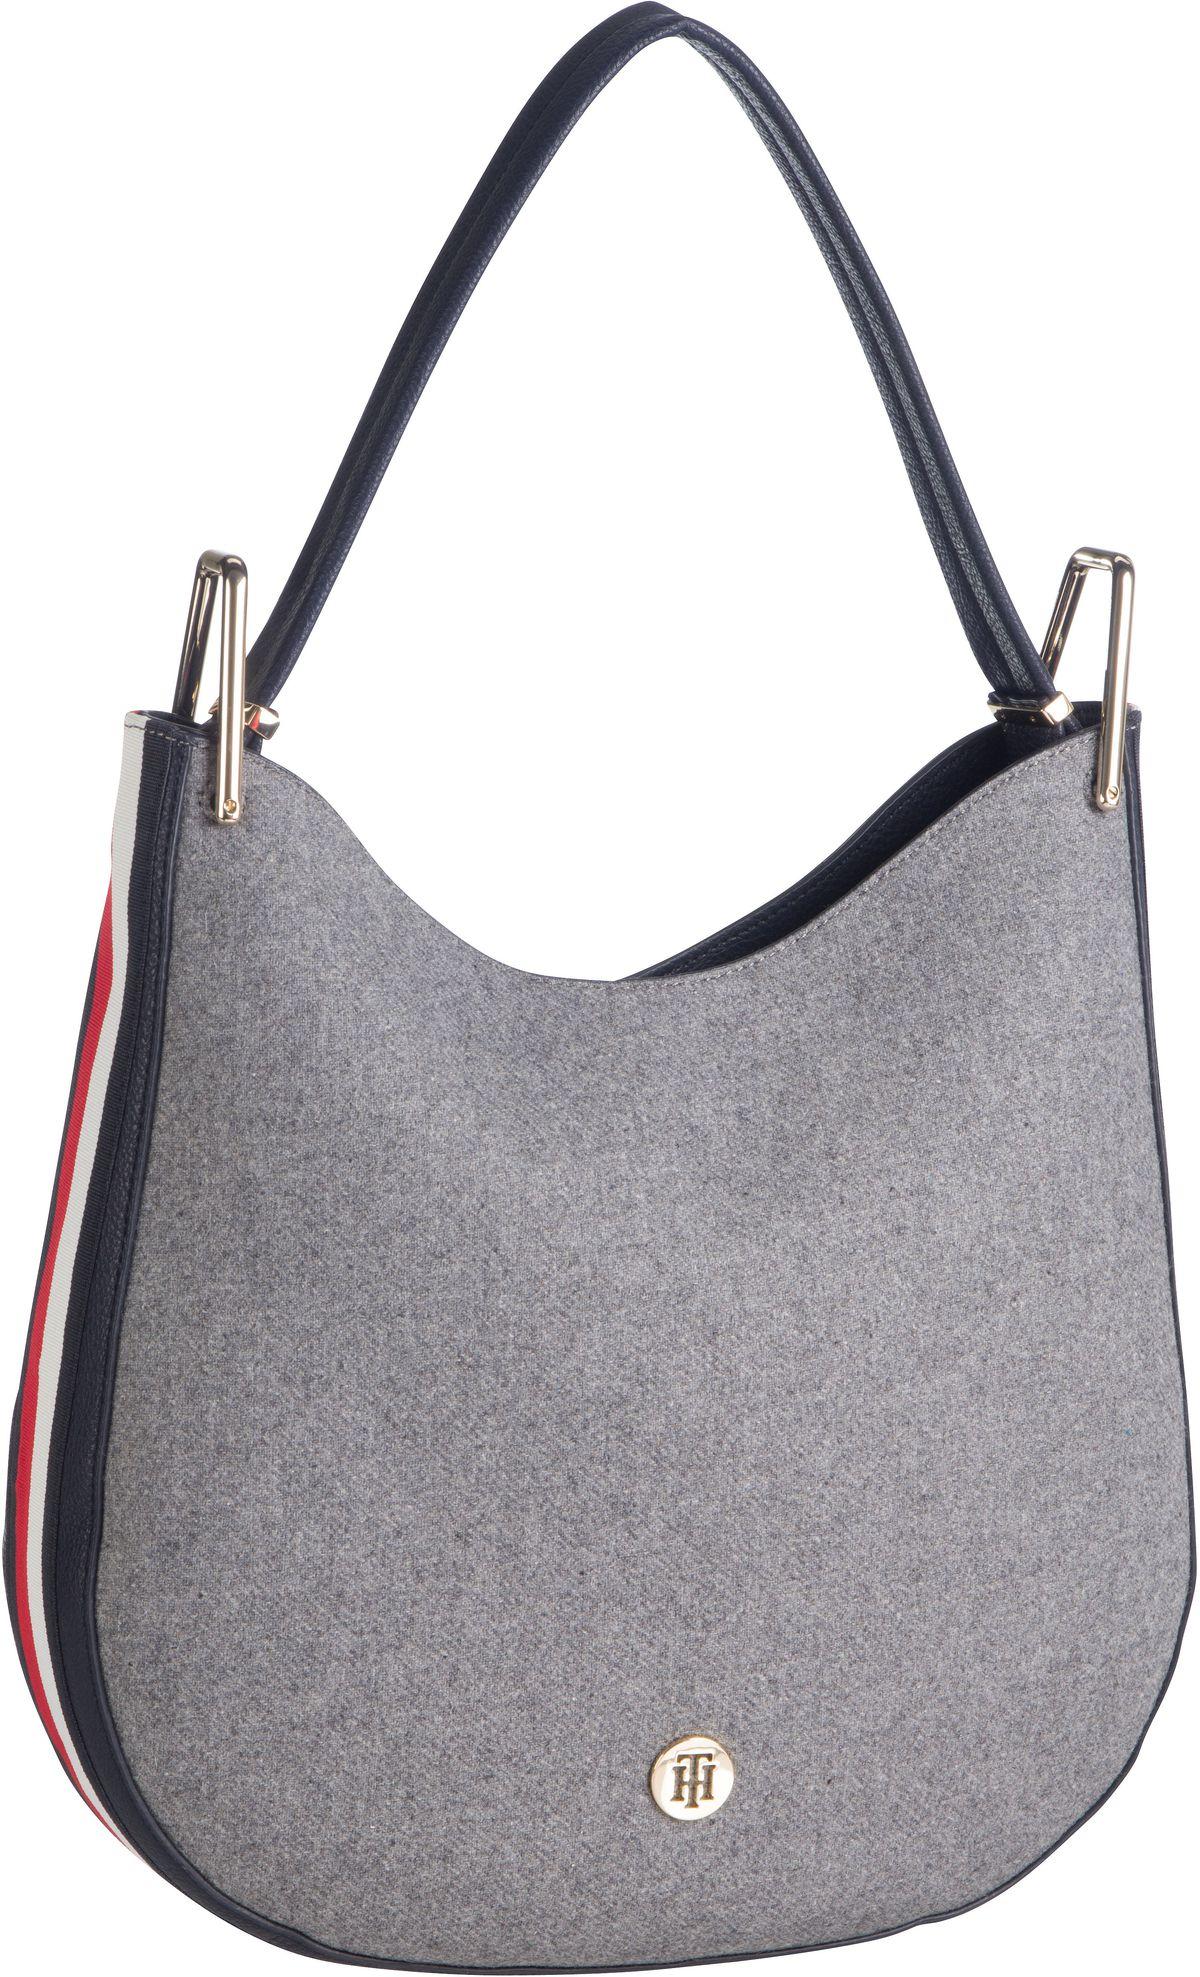 Handtasche TH Core Hobo Melton 7414 Grey Melton